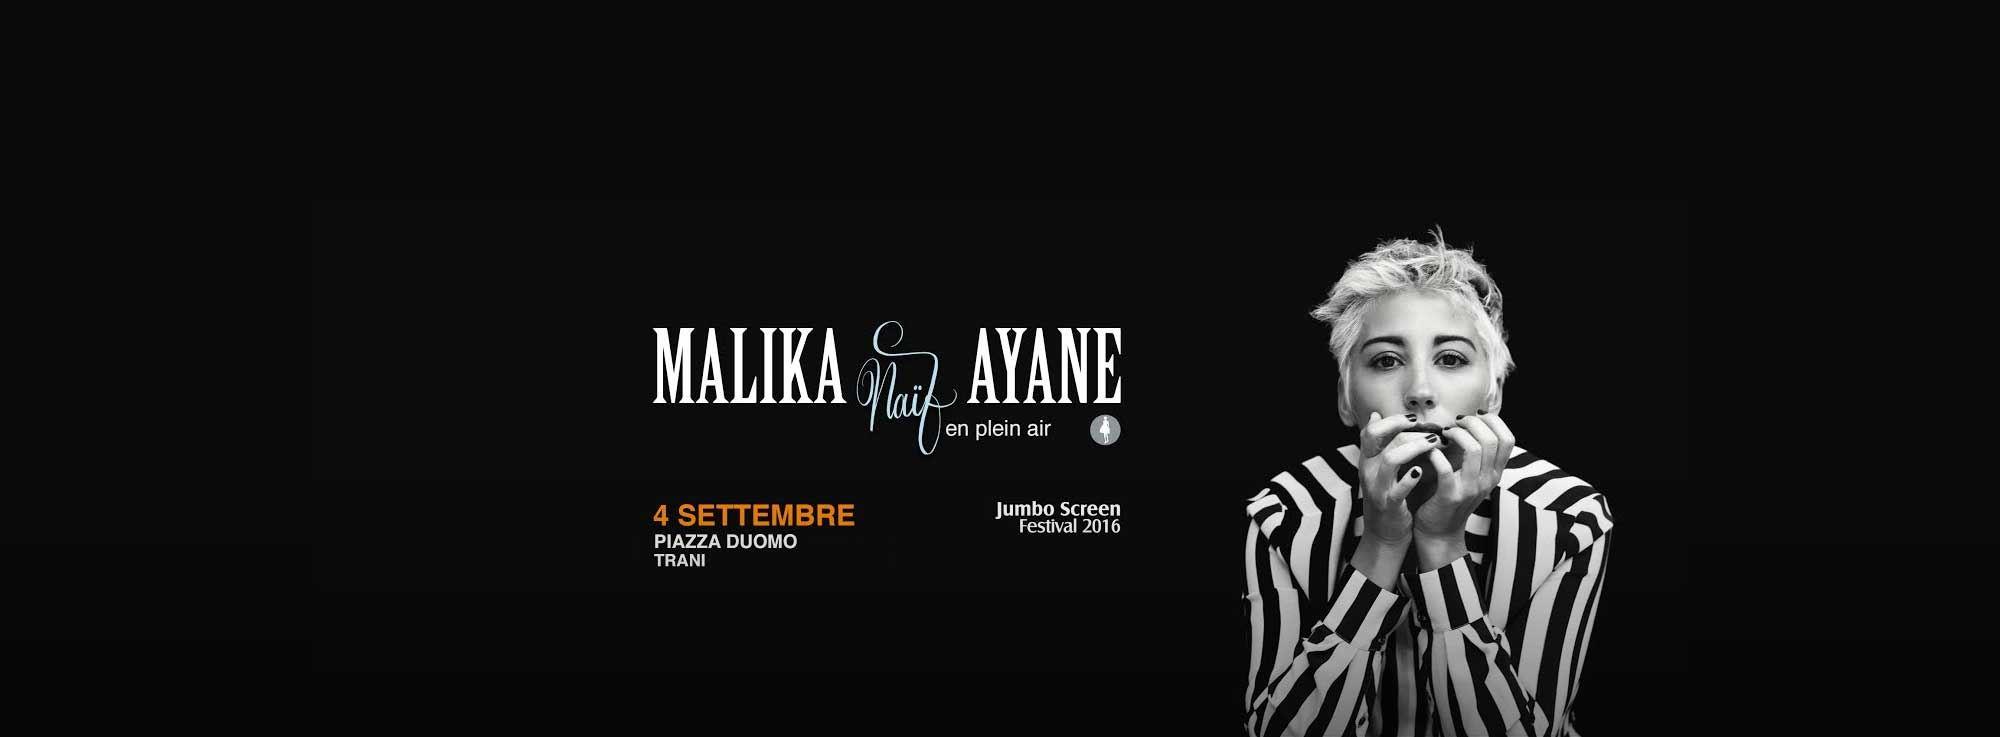 Trani: Malika Ayane in concerto - Naif en plein air Tour